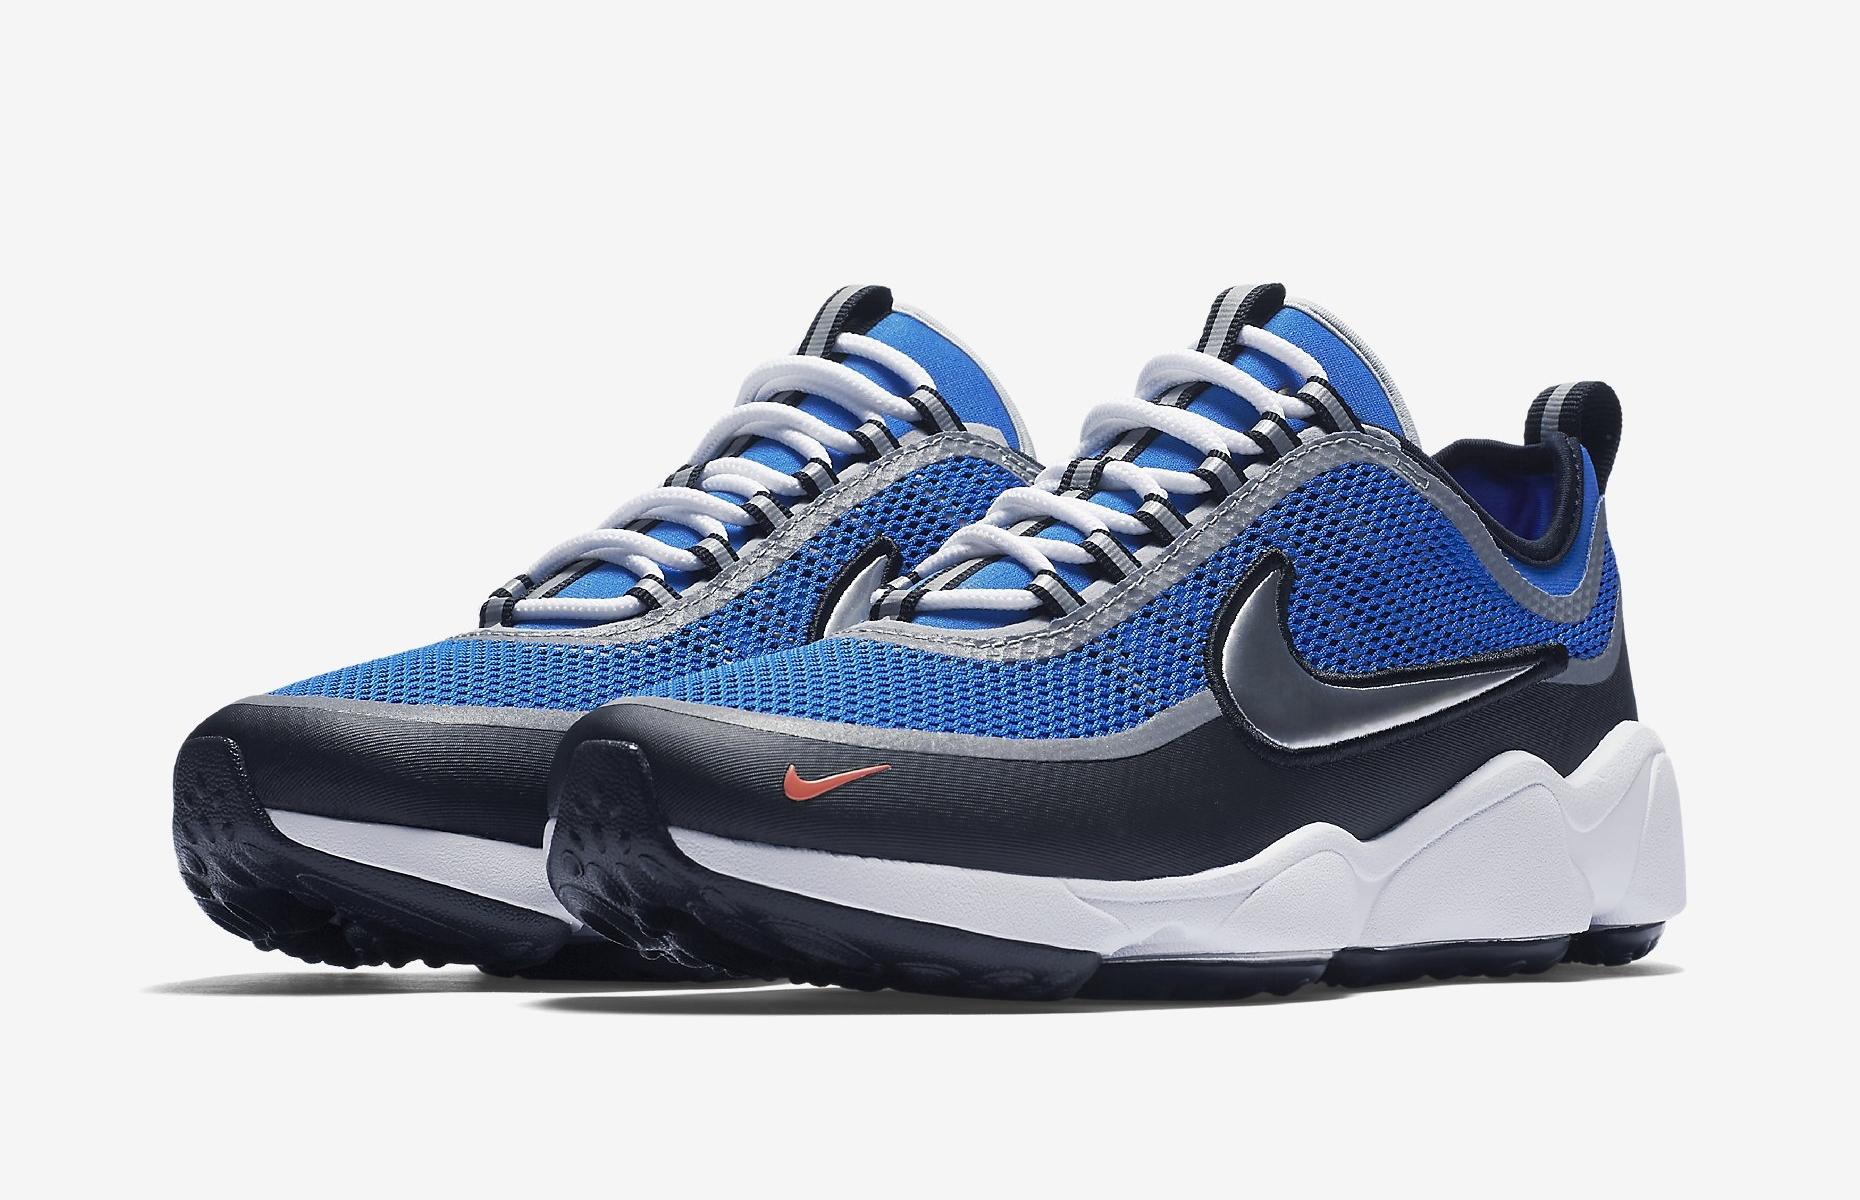 dd3063817cc7 Nike Zoom Spiridon Ultra Regal Blue - Air 23 - Air Jordan Release ...